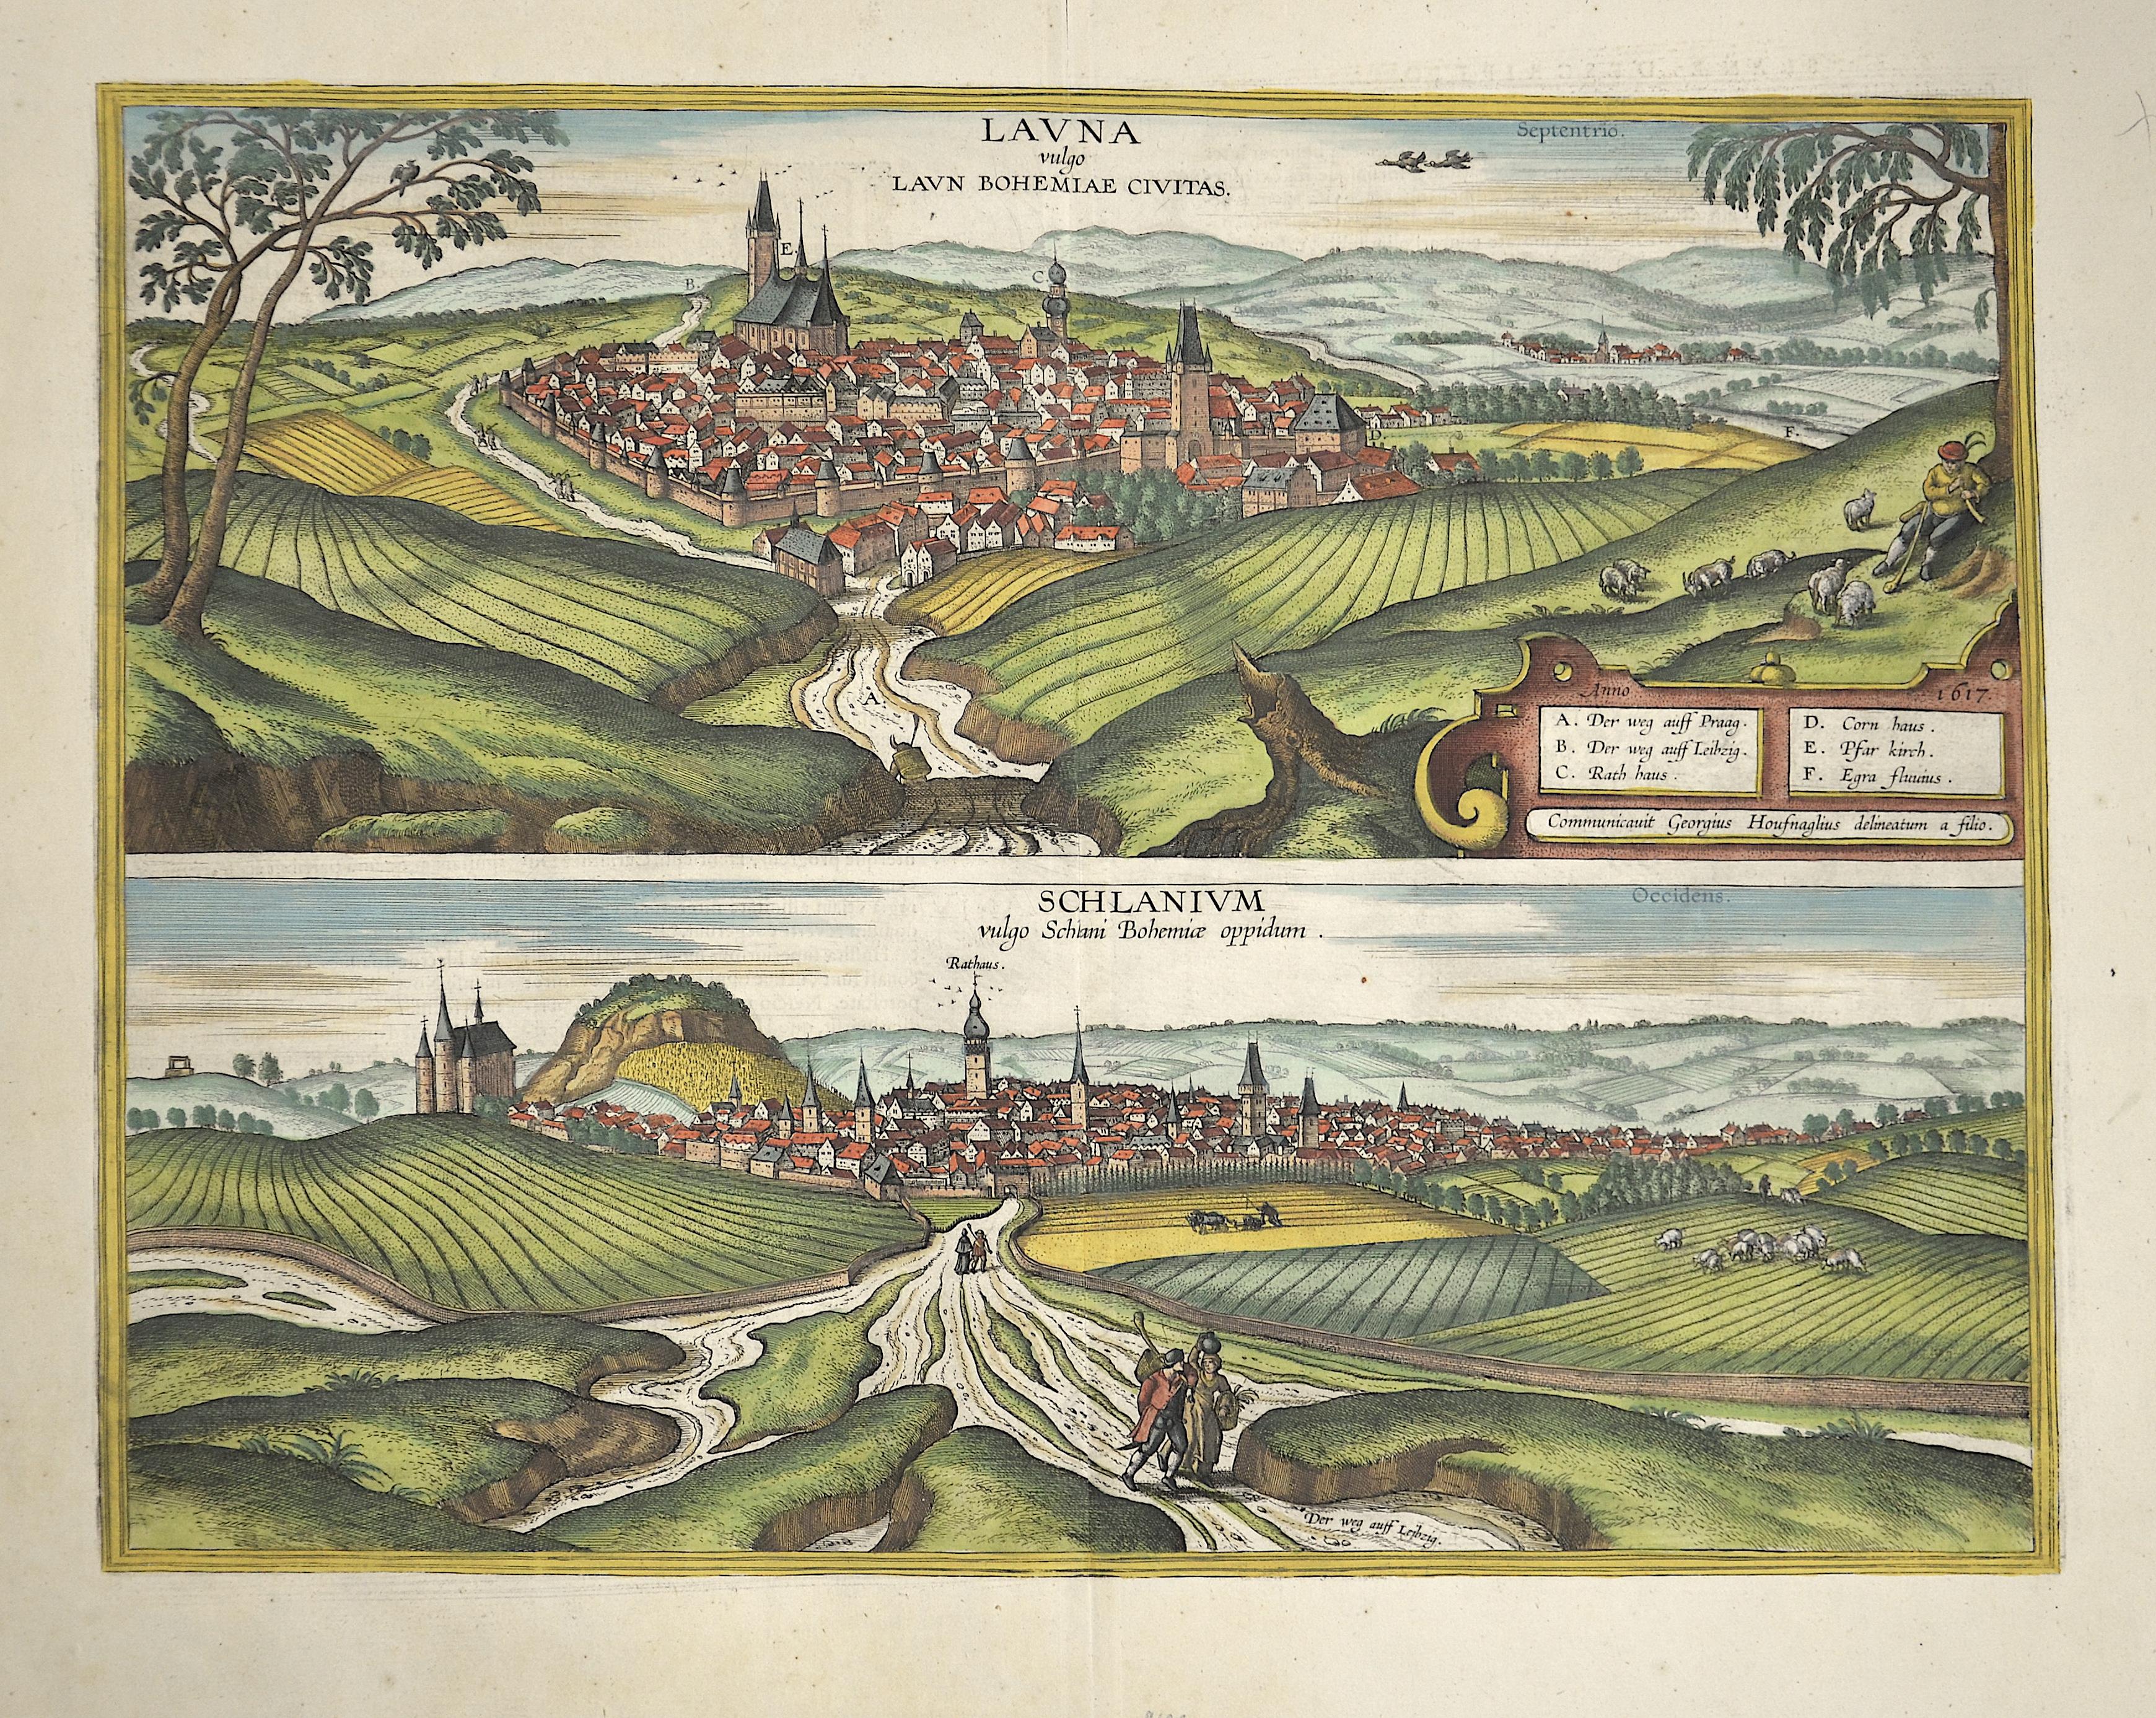 Braun/Hogenberg  Launa Vulgo Laun Bohemiae civitas – Schlanium volgo Schlani Bohemiae oppidum